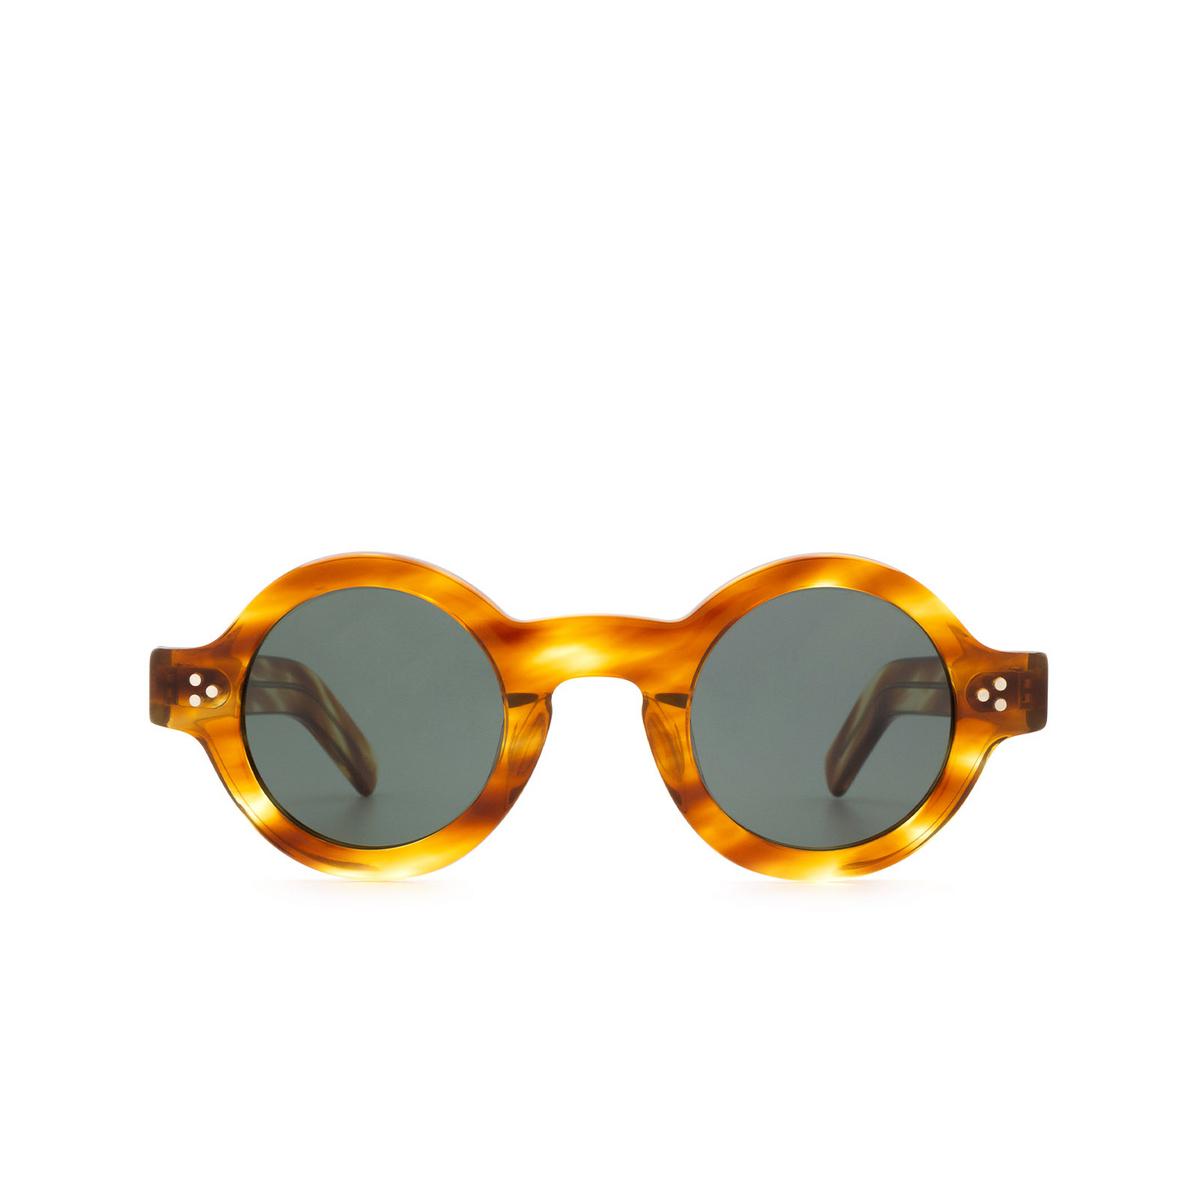 Lesca® Round Sunglasses: Tabu color Écaille Clair A8 - front view.